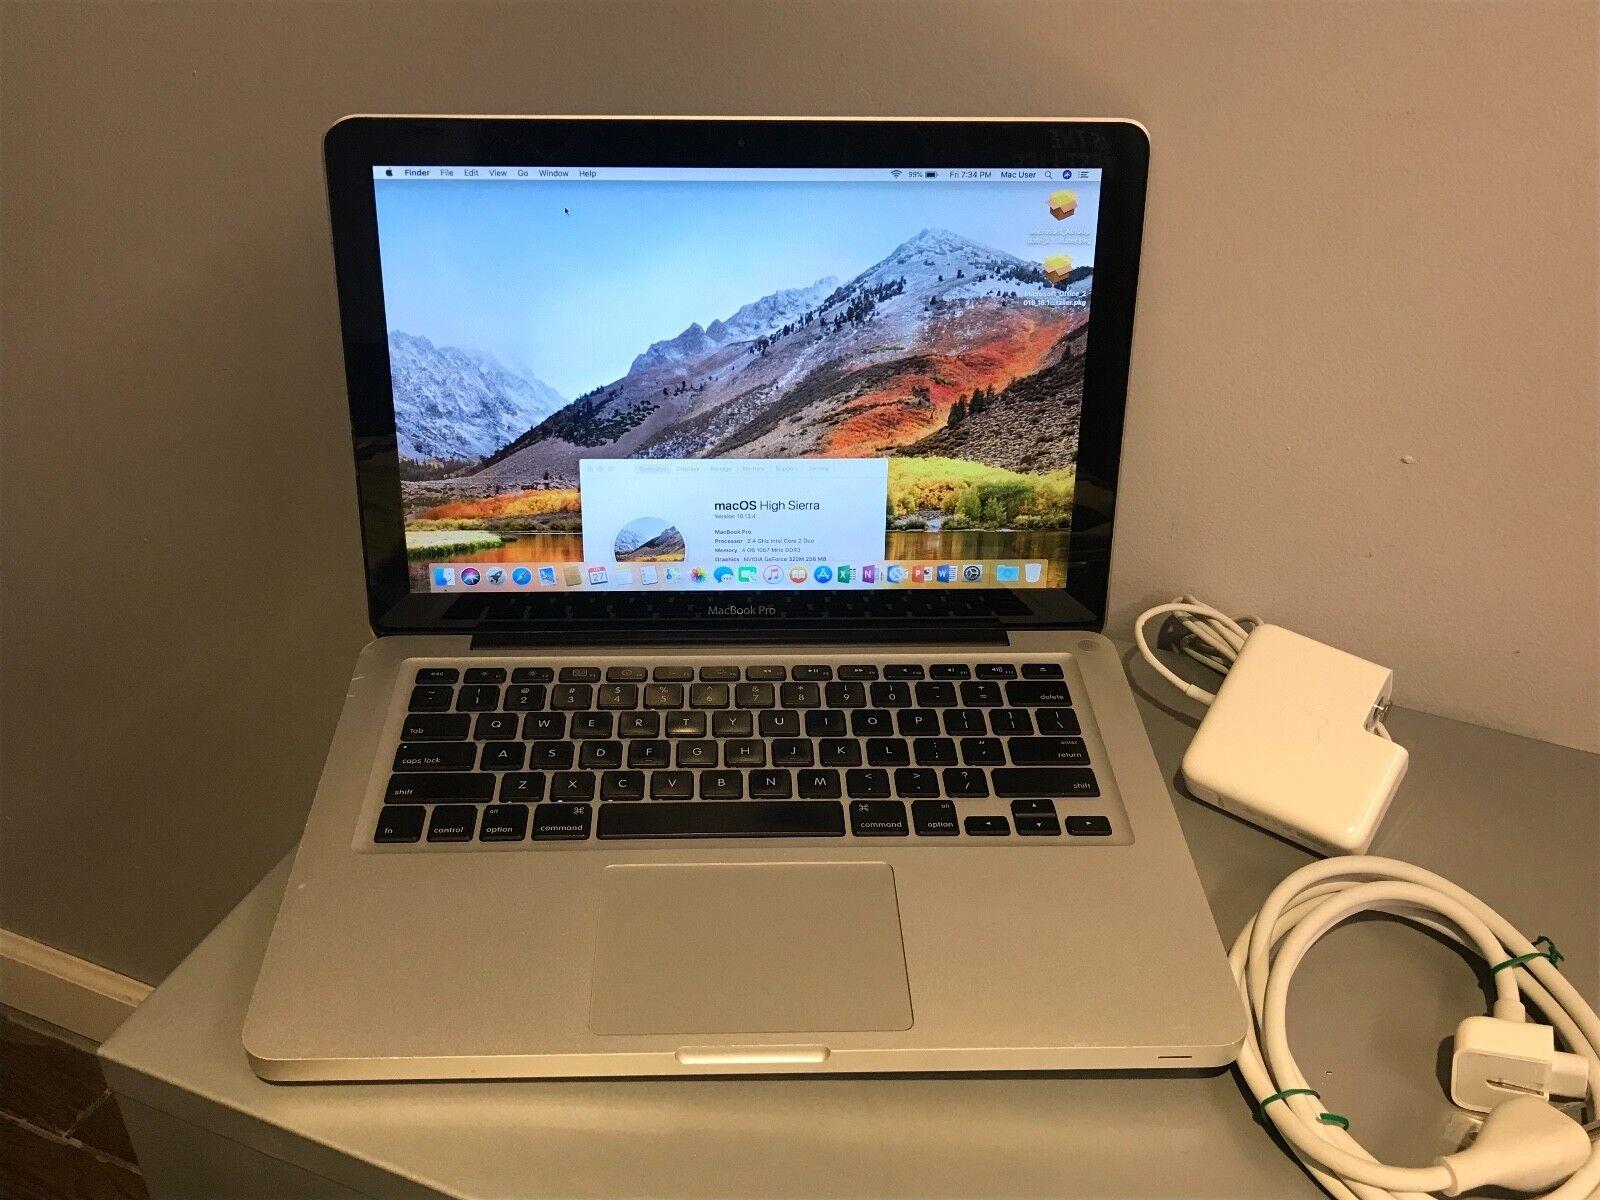 """Apple MacBook Pro13"""" Silver A1278-New 500GB HDD/4GB Ram OS HIGH SIERRA/Office 16"""